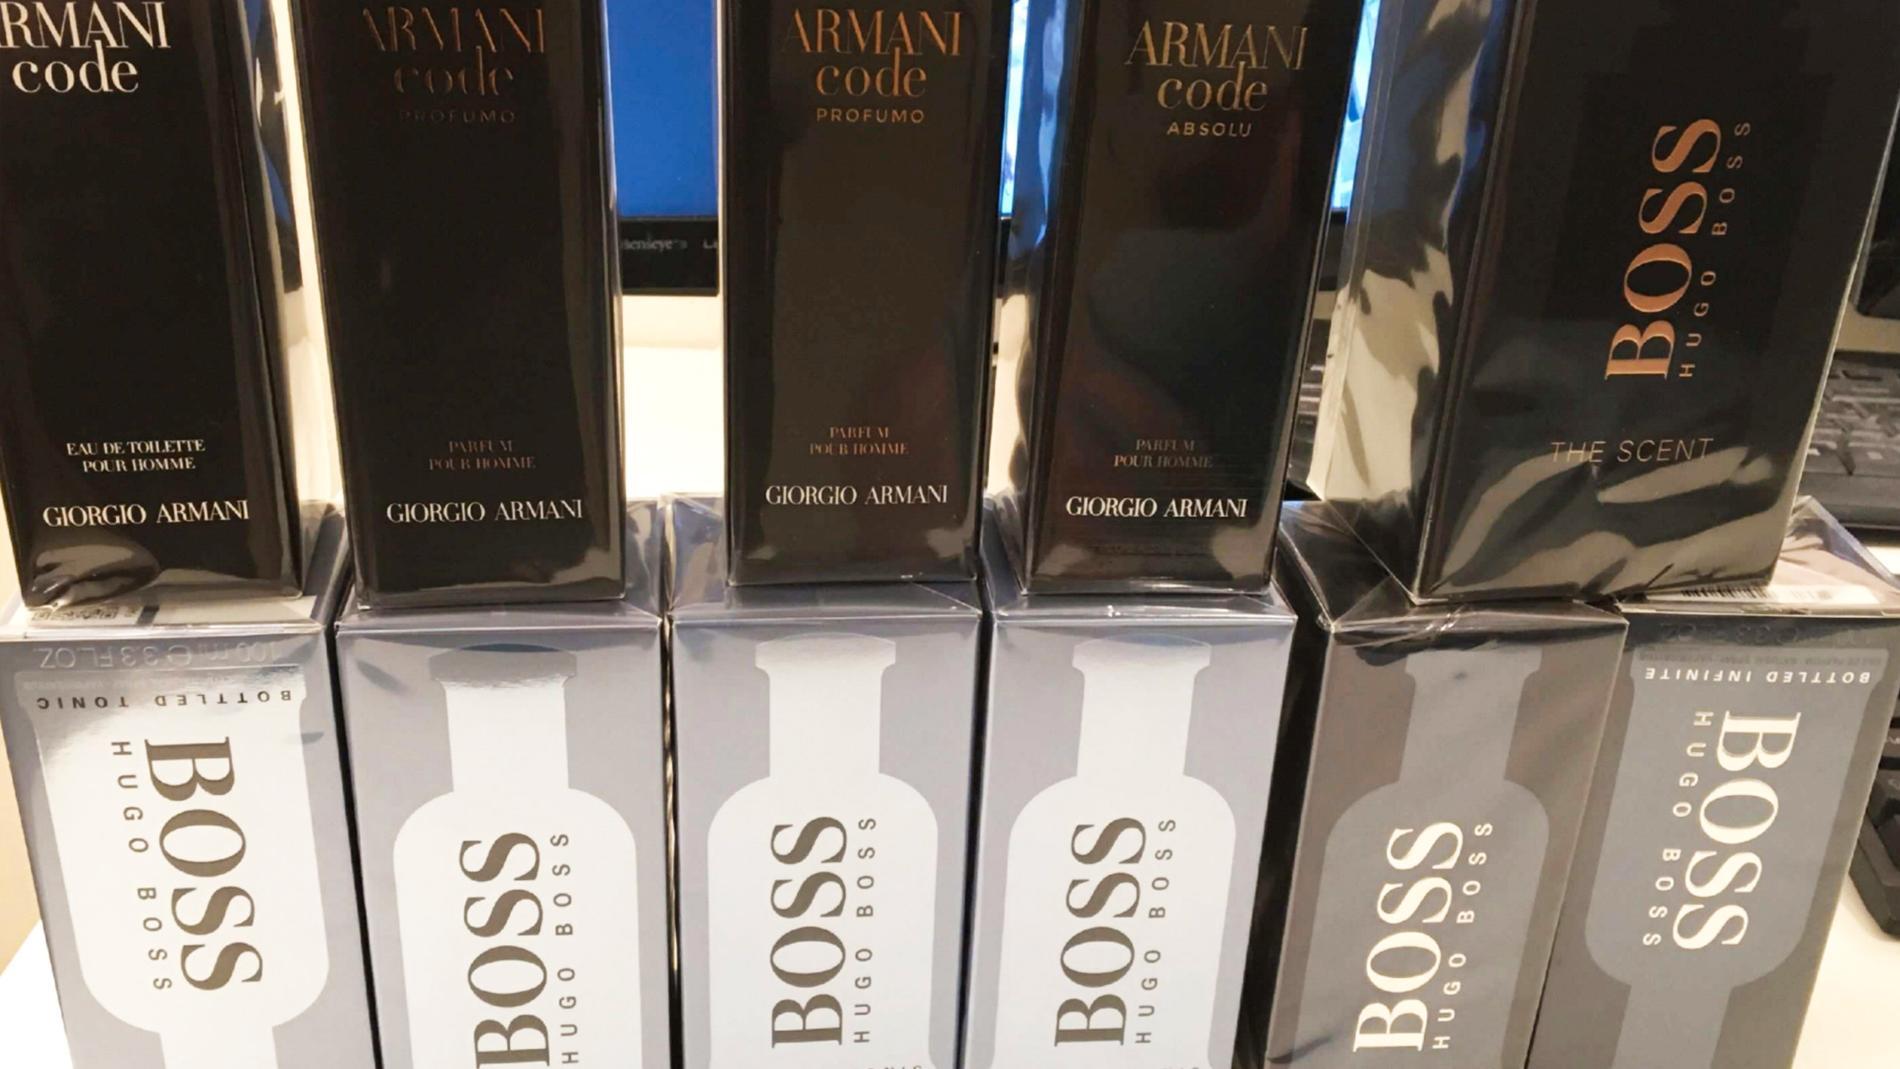 Parfymer för ett värde av totalt 9 610 kronor stals.